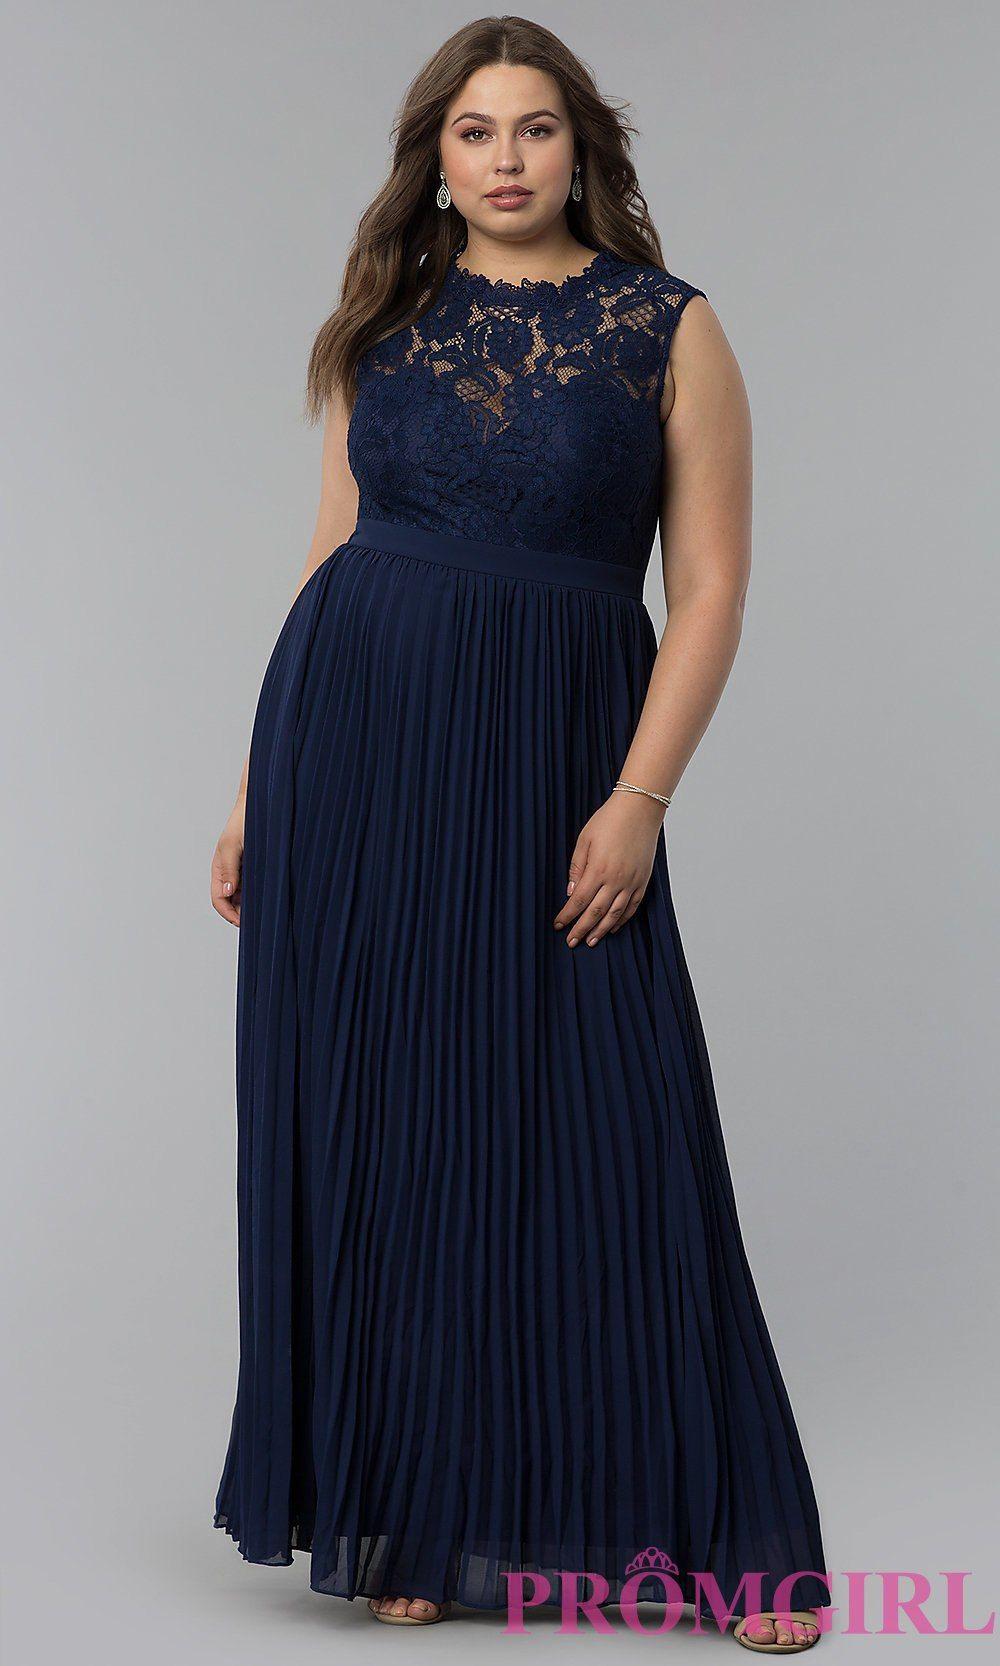 20 Schön Abend Kleider Plus Size Boutique13 Einzigartig Abend Kleider Plus Size für 2019